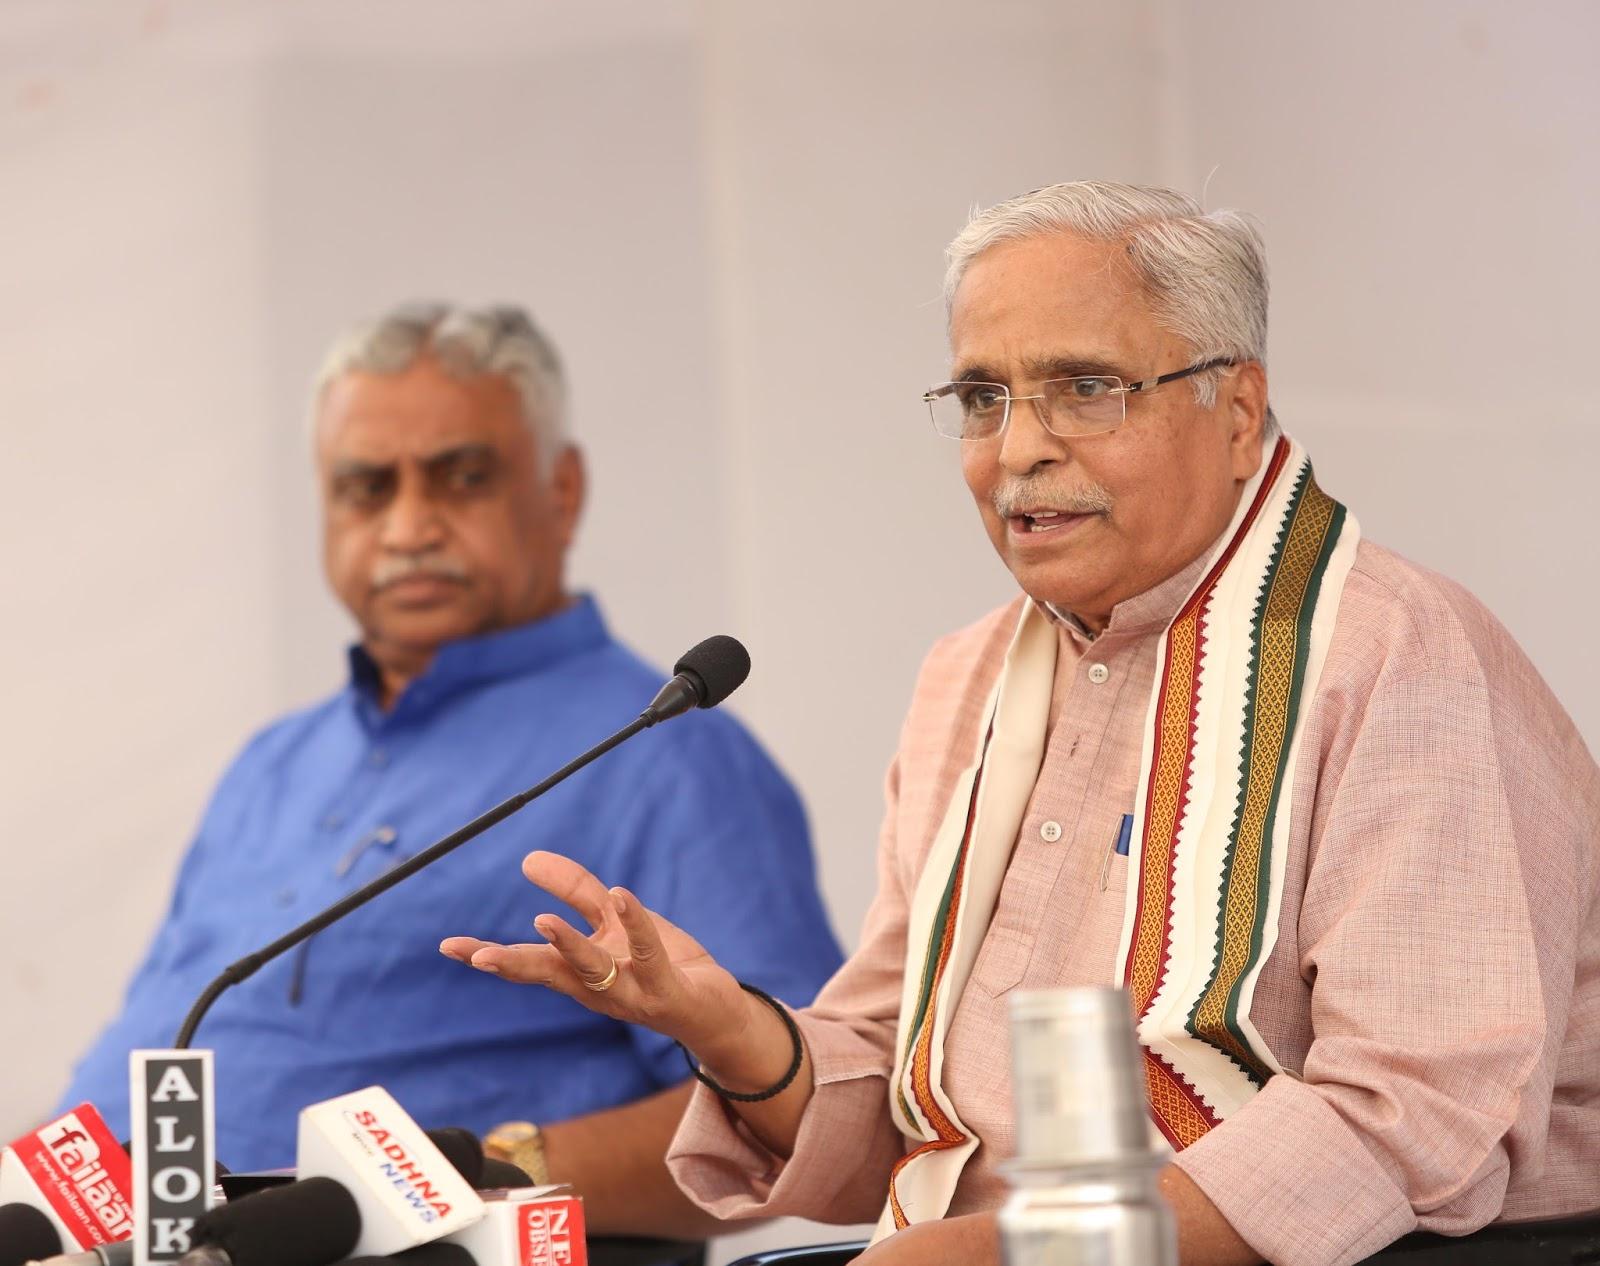 Grama Vikas and Kutumb Prabodhan activities of the Sangh will gain momentum : Suresh Bhaiyyaji Joshi, at ABKM